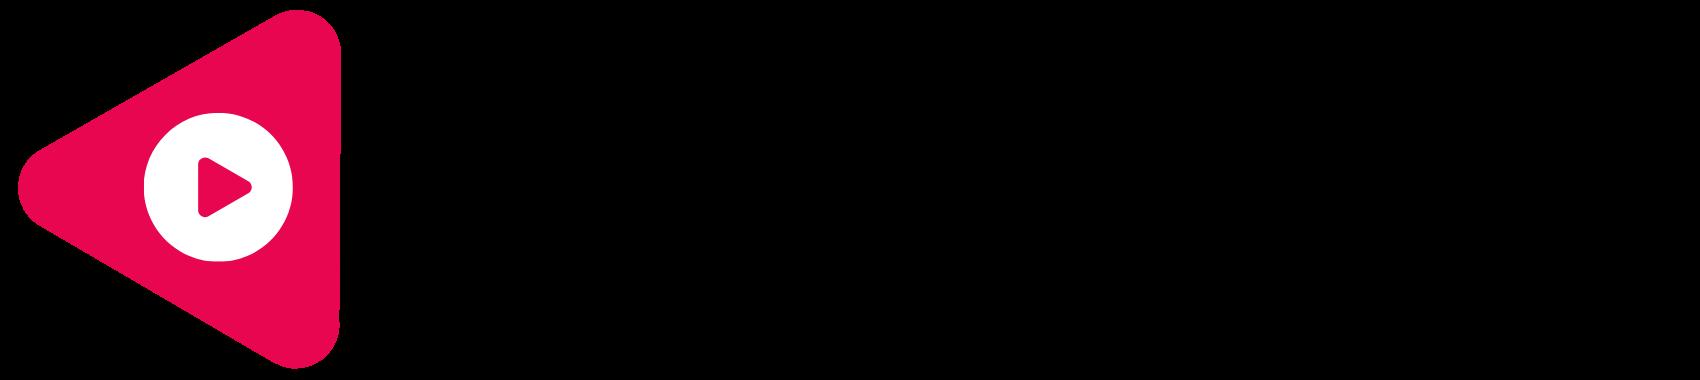 ClipTanke